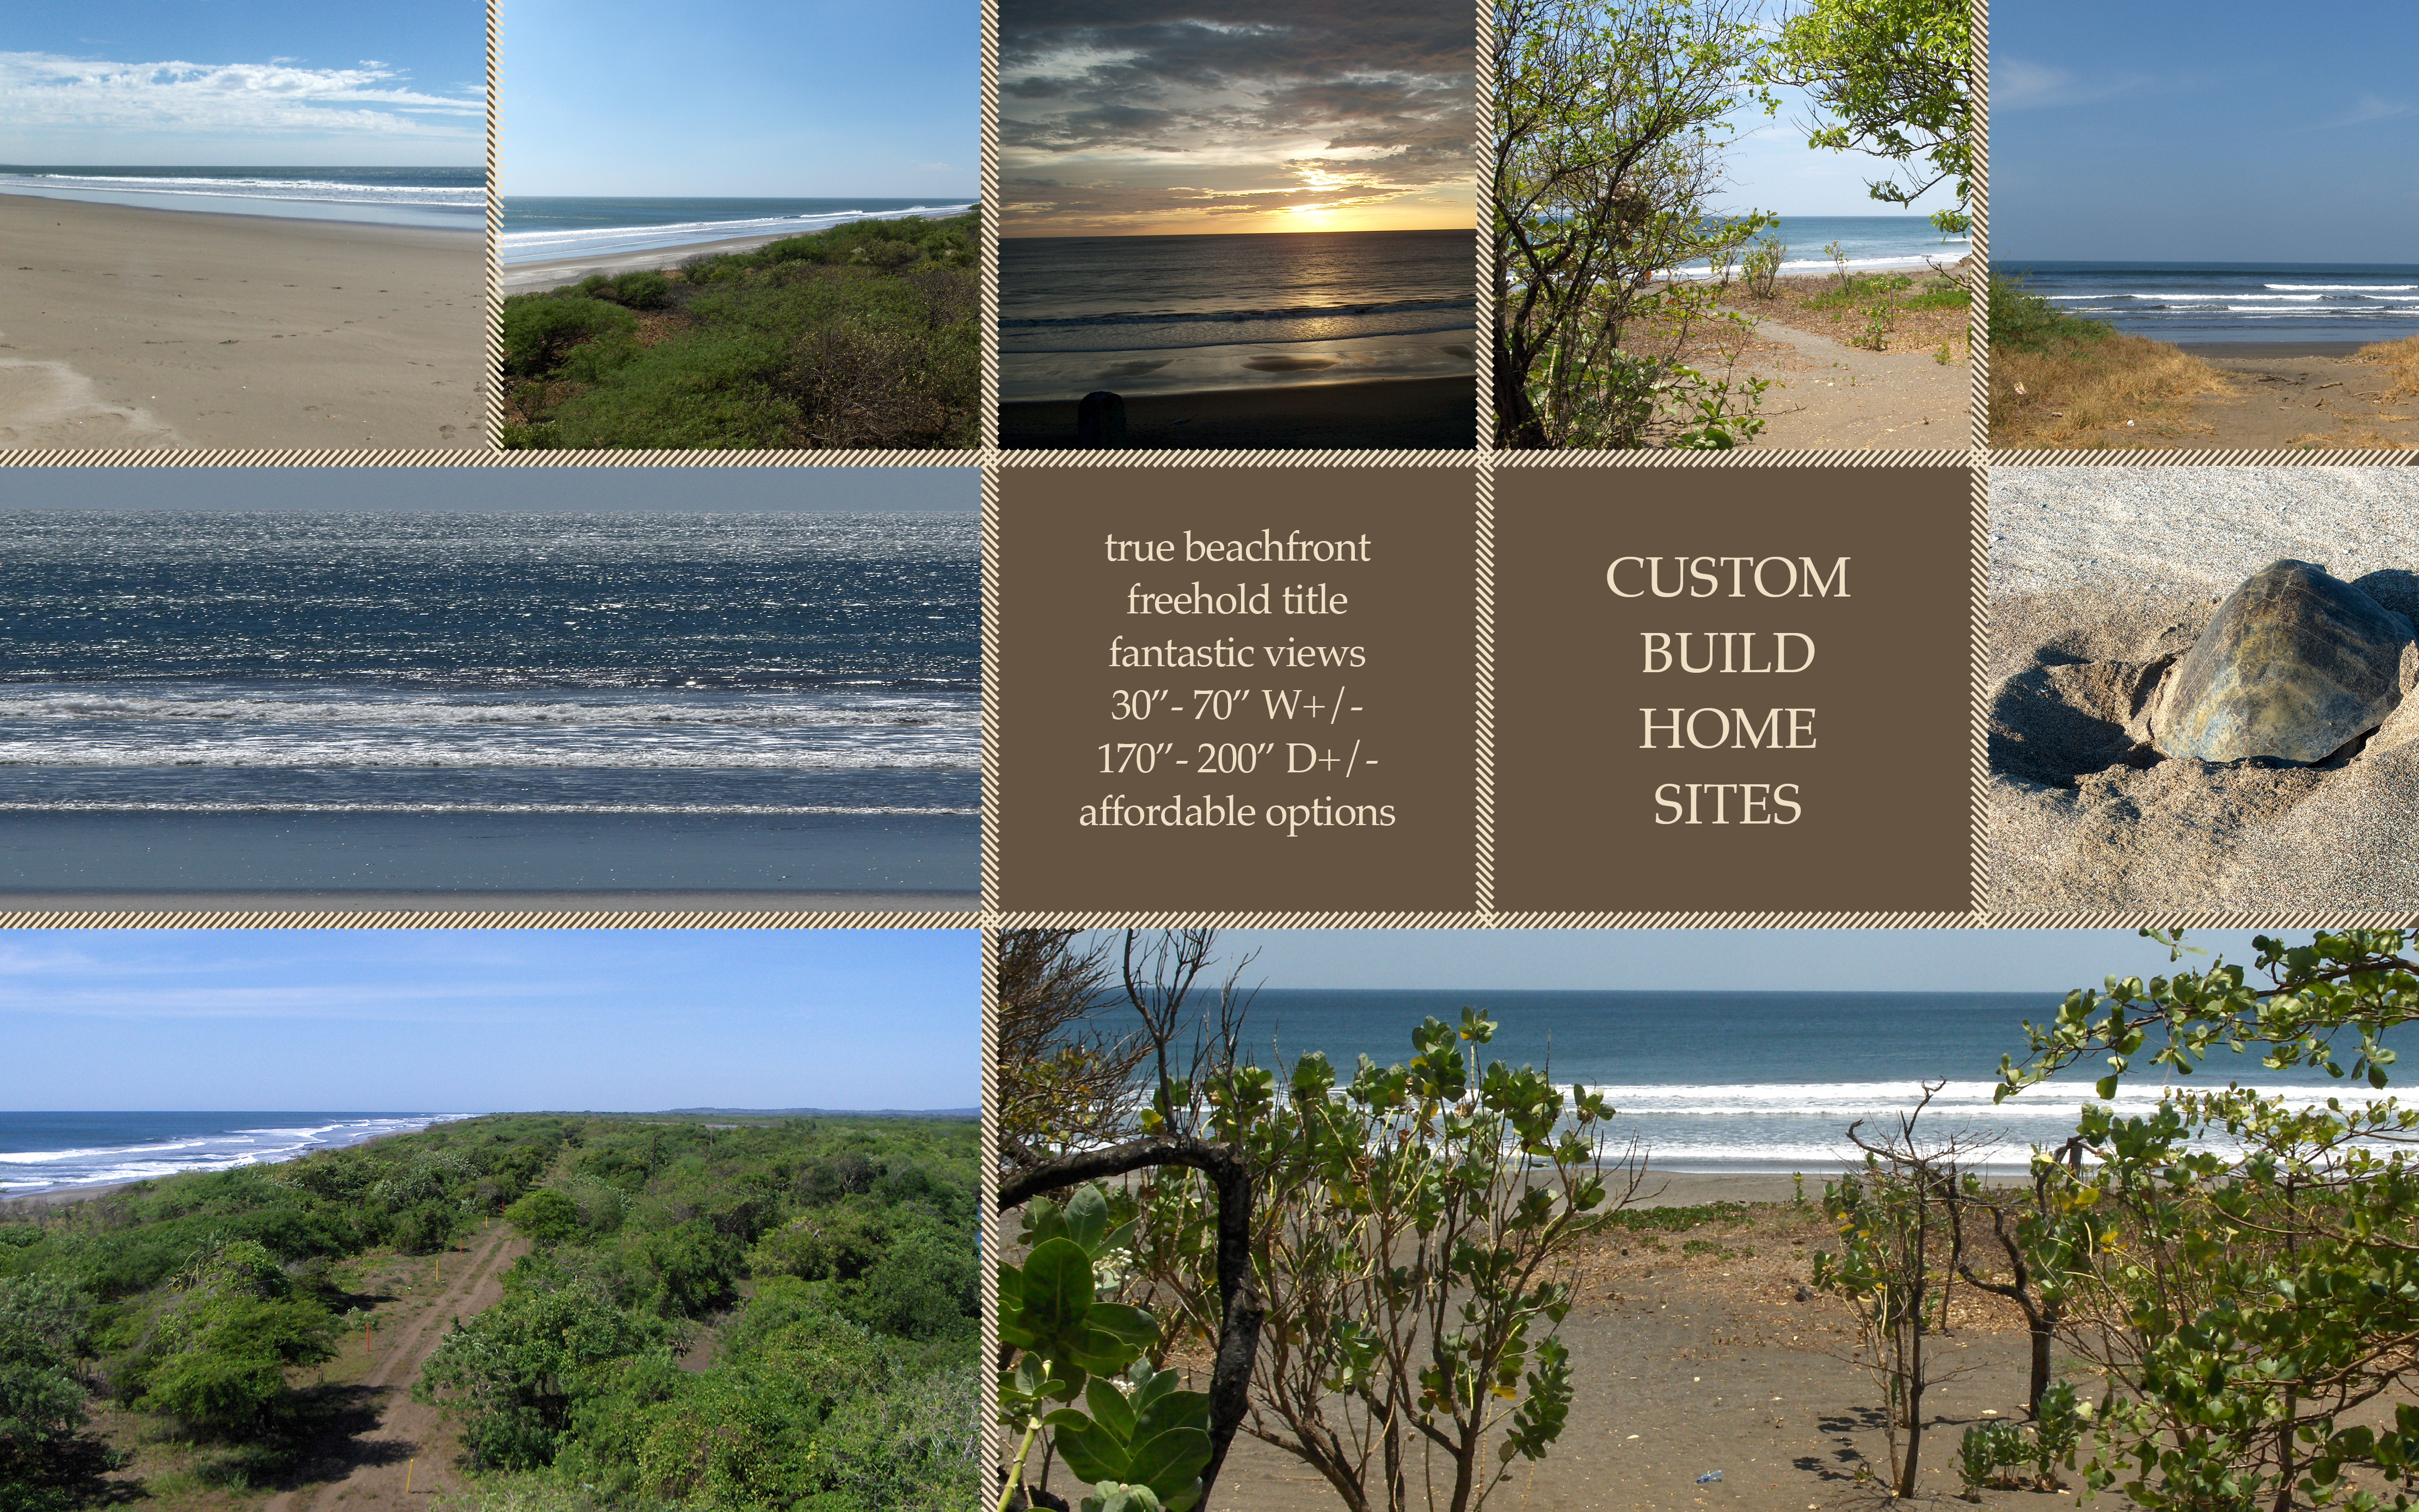 Isla Mariana Custom Home Sites in Nicaragua